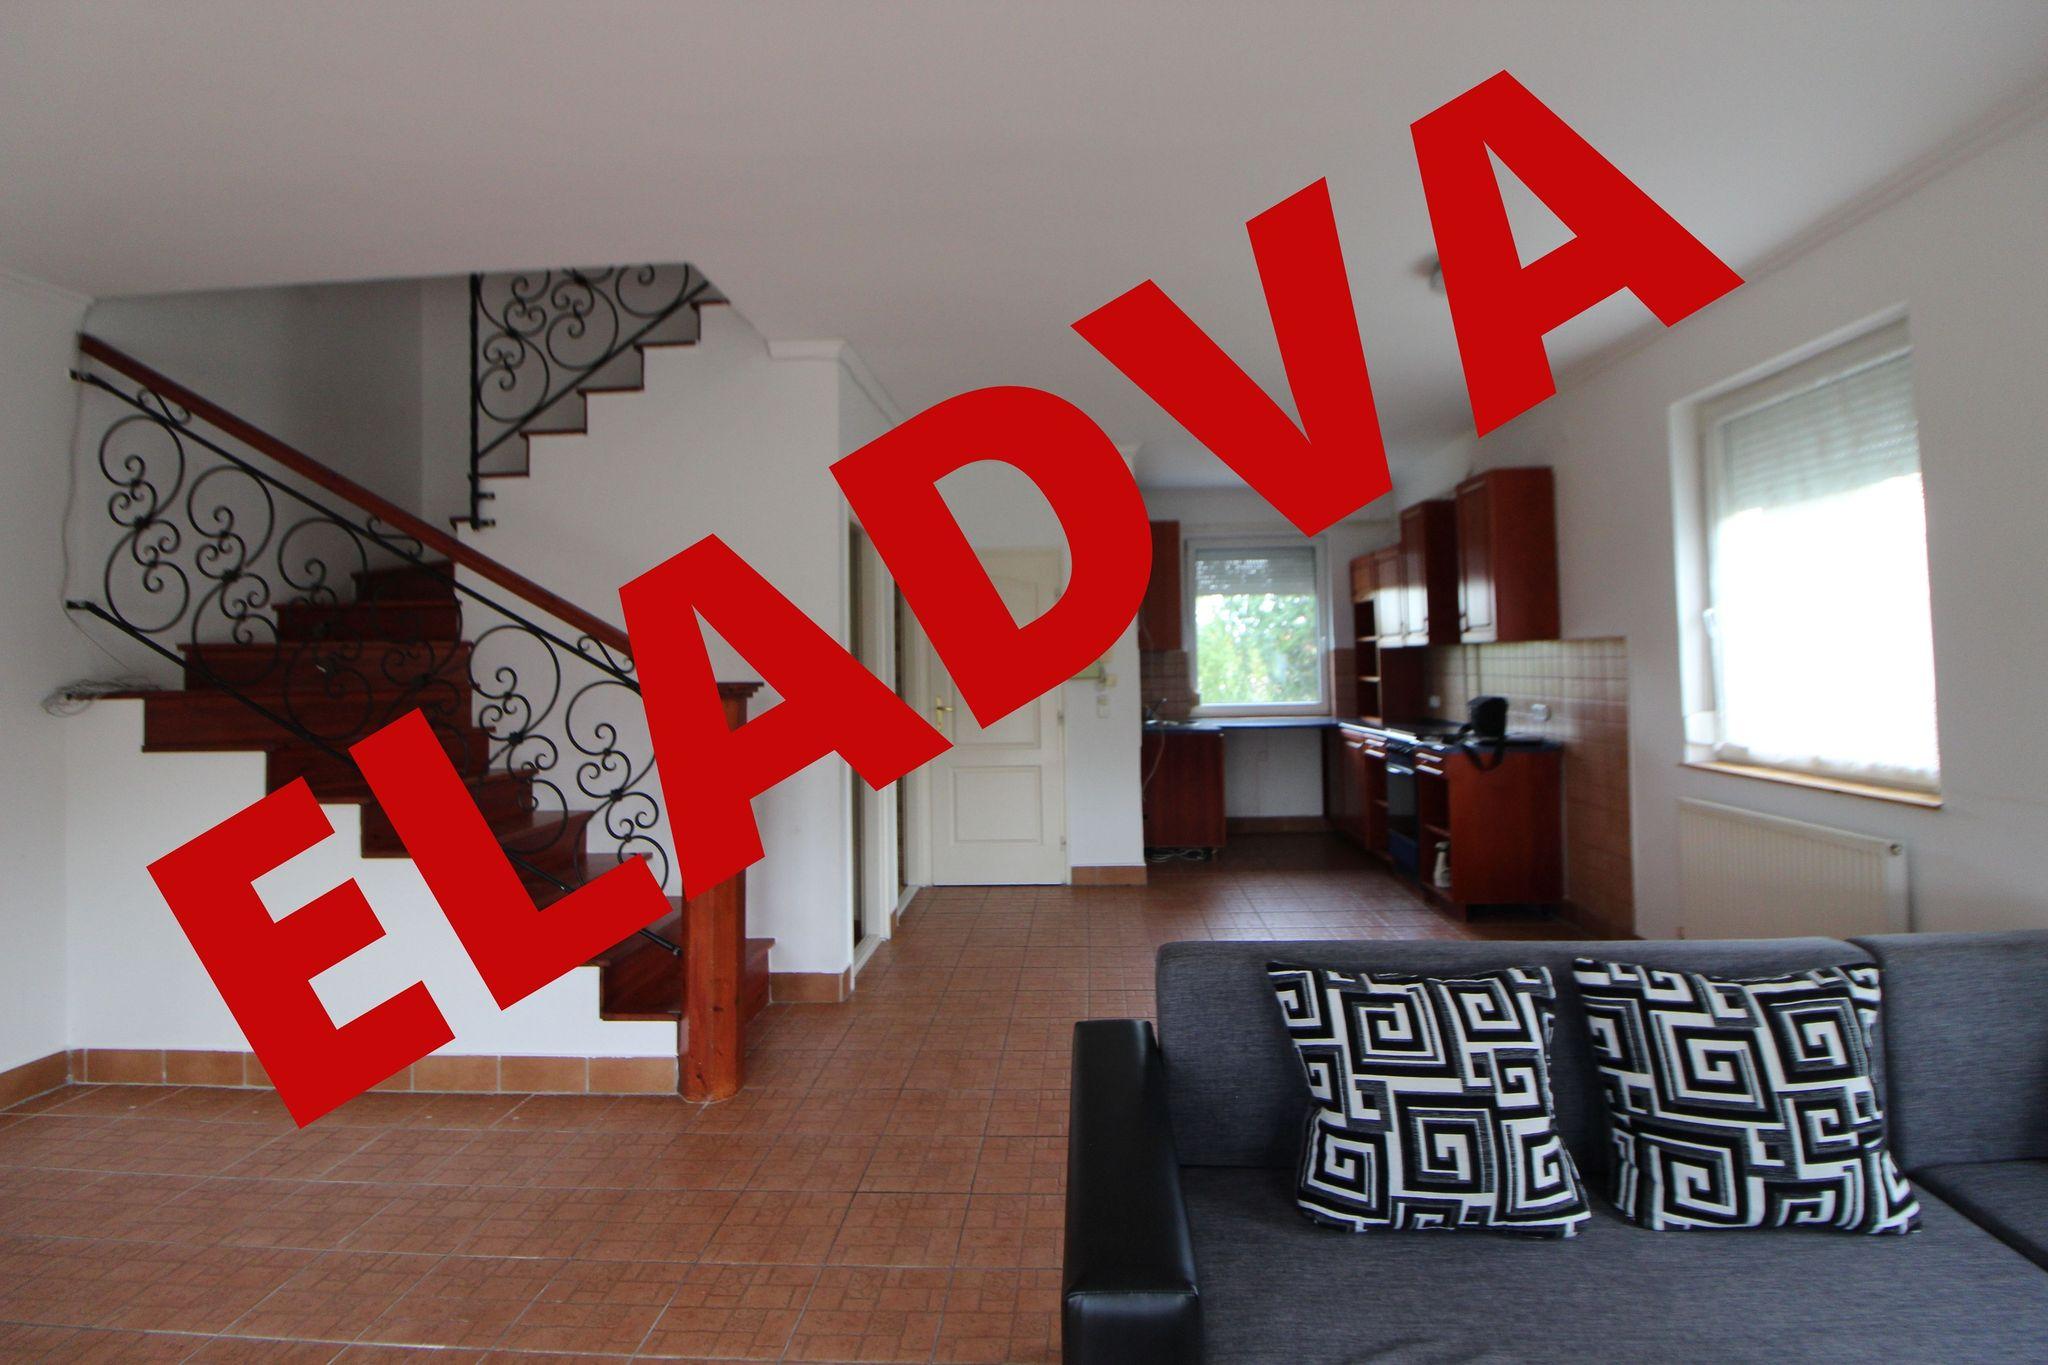 Csepel sziget déli részén elhelyezkedő Duna parti kisvárosunkban, Ráckevén ajánlok figyelmébe egy igazán élhető otthont!